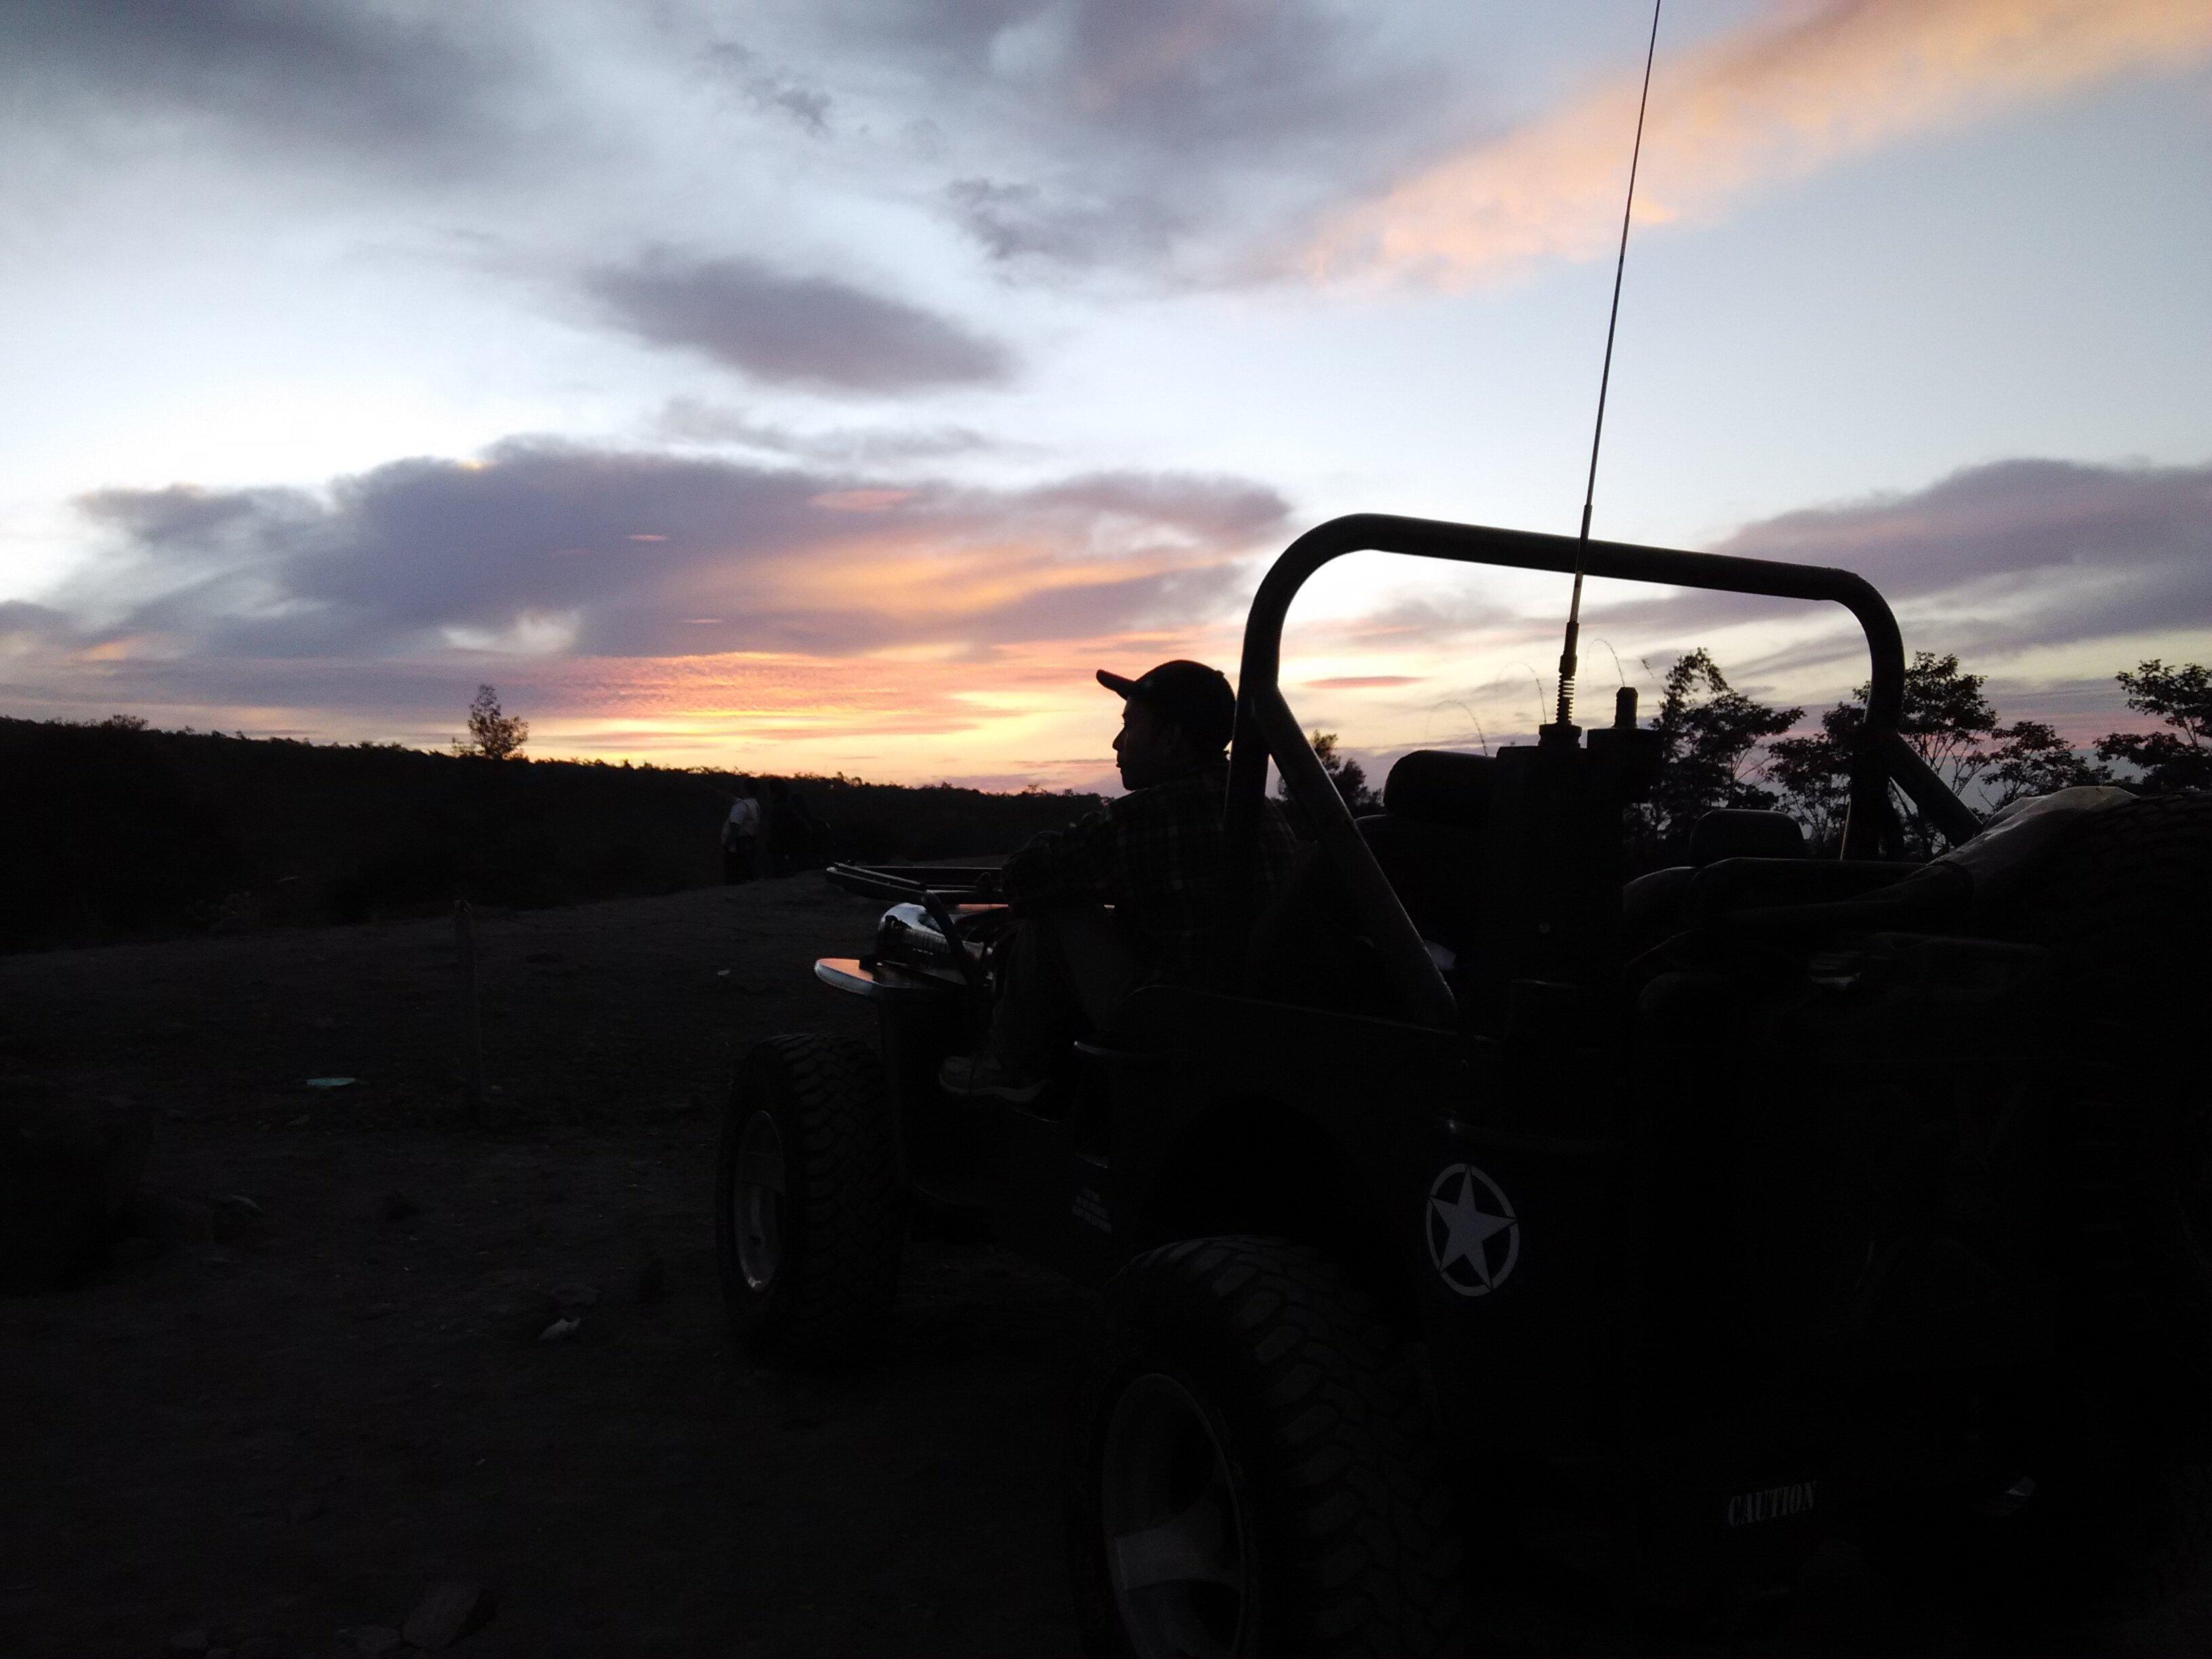 sunrise lavatour